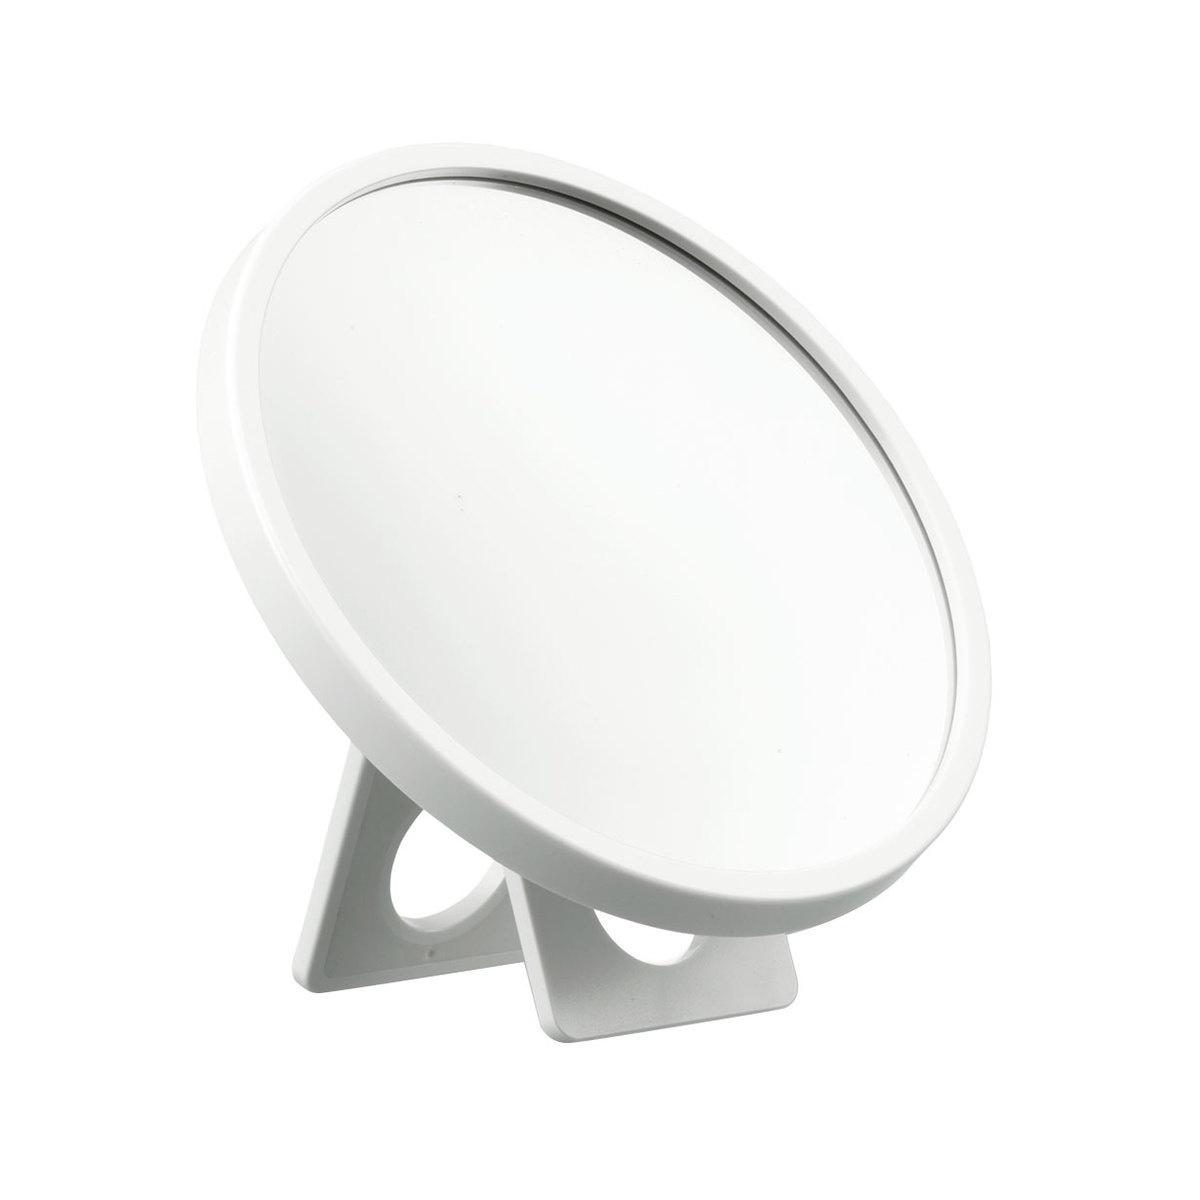 Specchio cosmetico kali ingrandimento 2x by authentics - Specchio ingrandimento ...